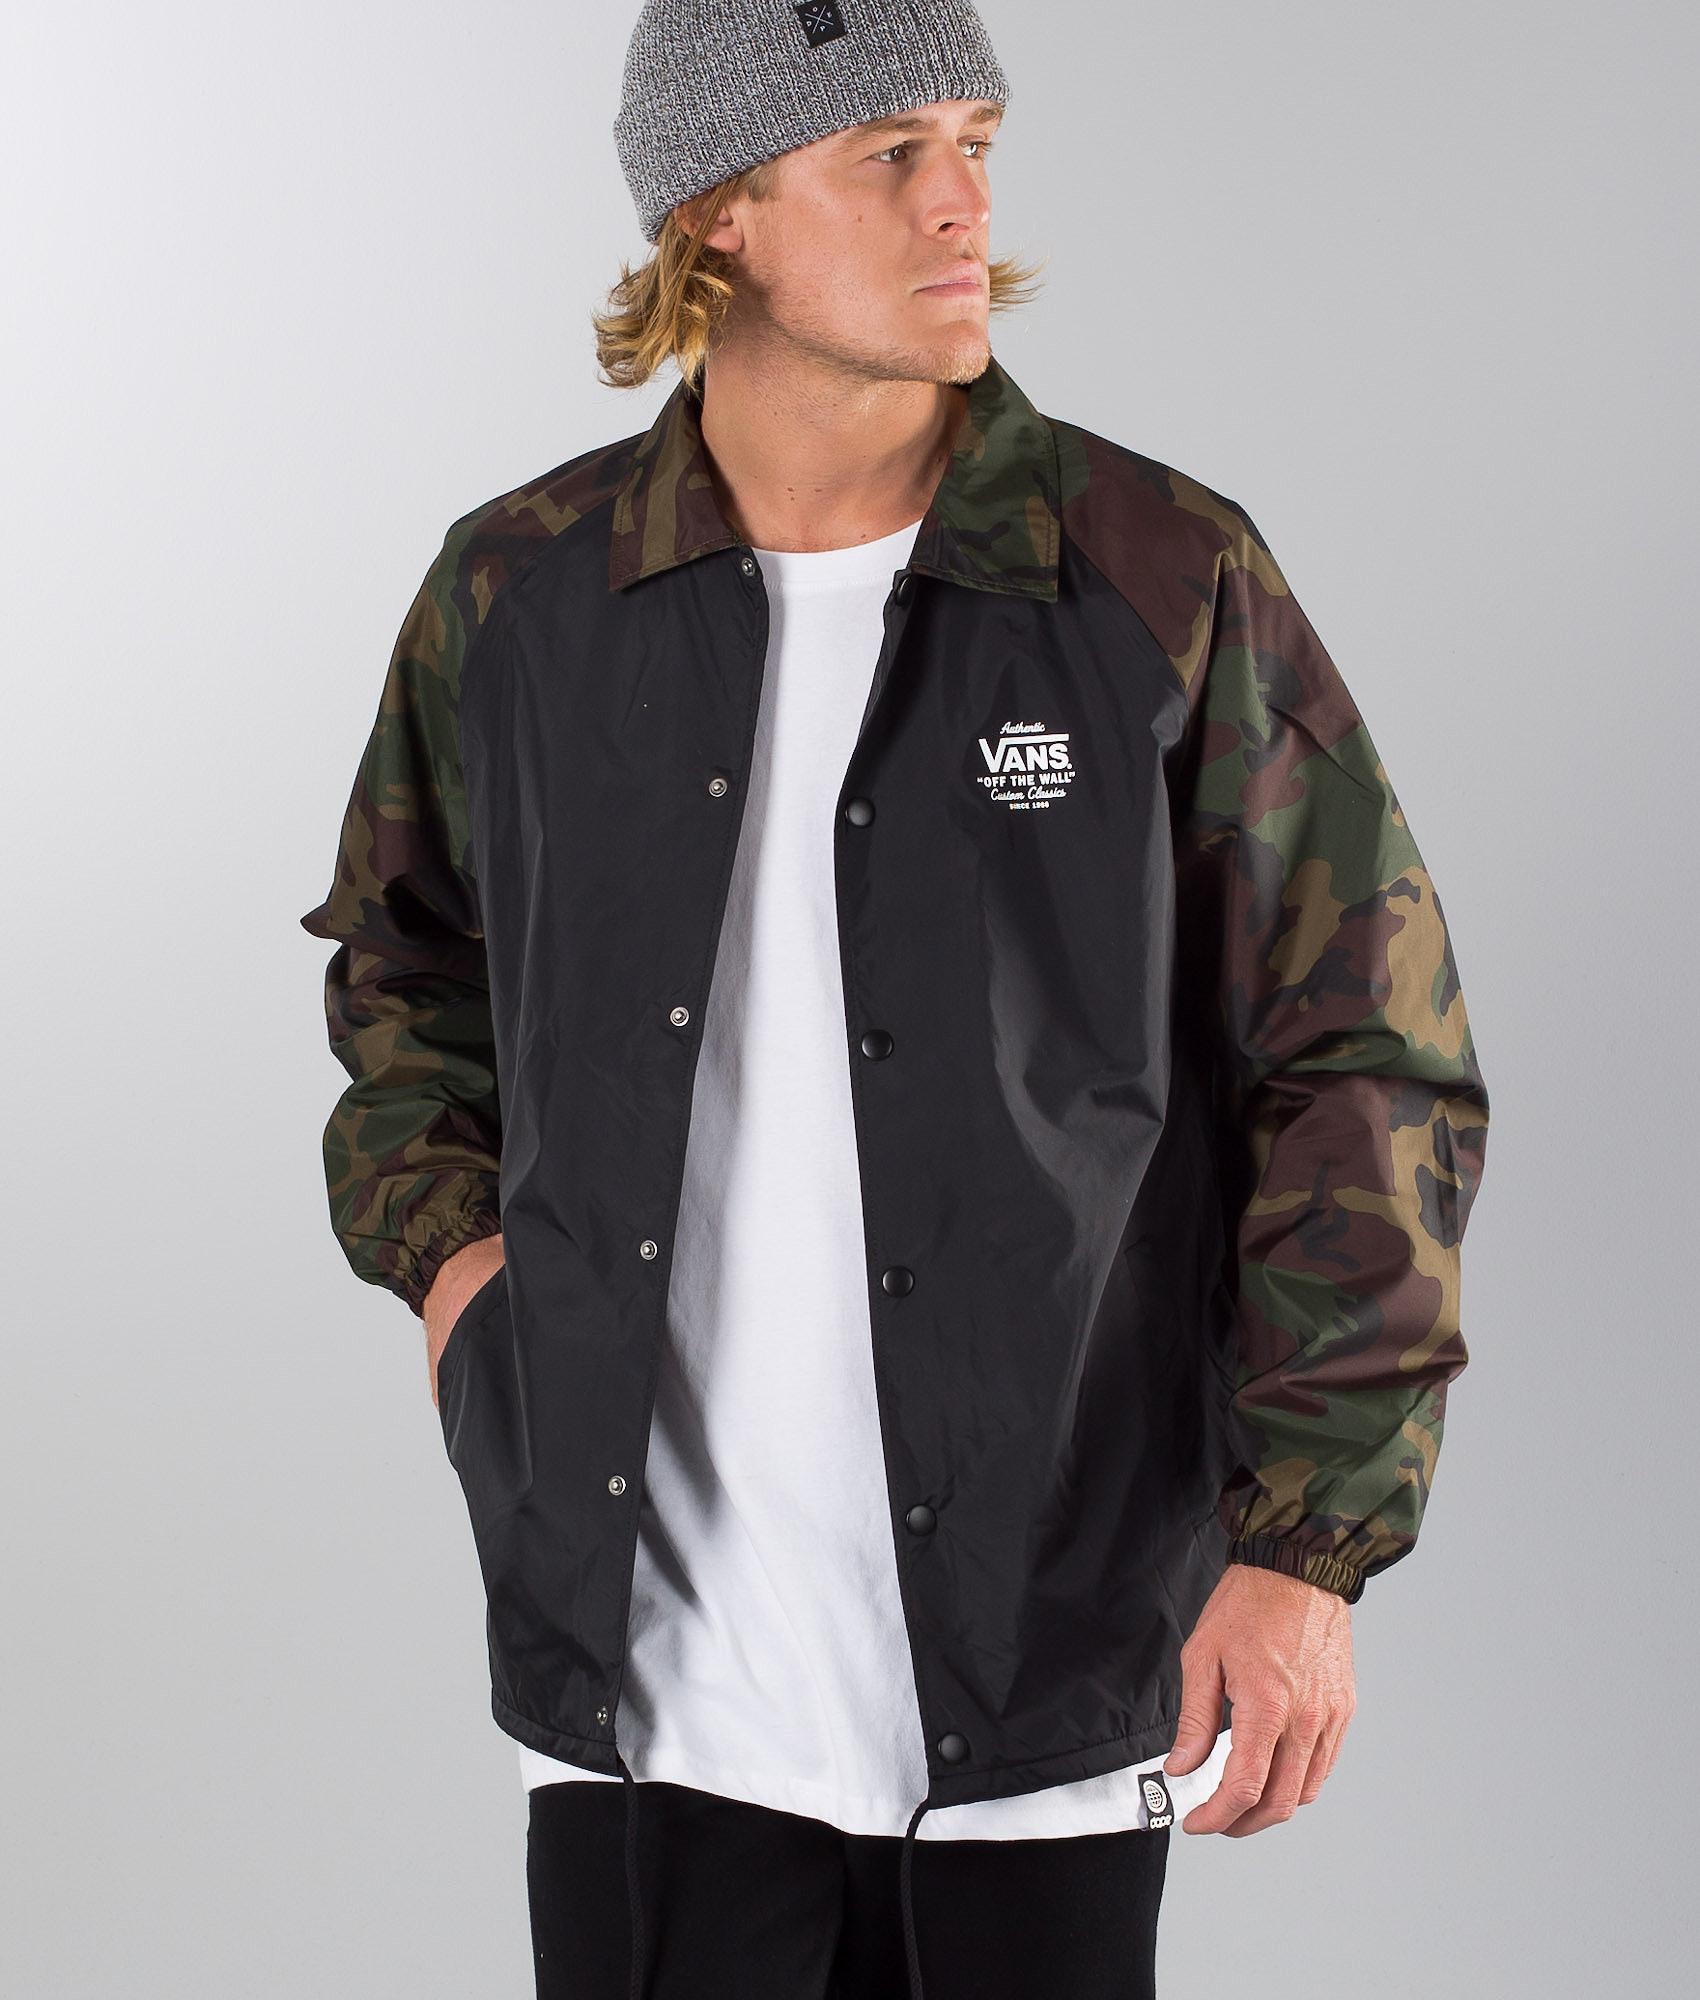 adb7a1d461 Vans Torrey Jacket Black-Camo - Ridestore.com